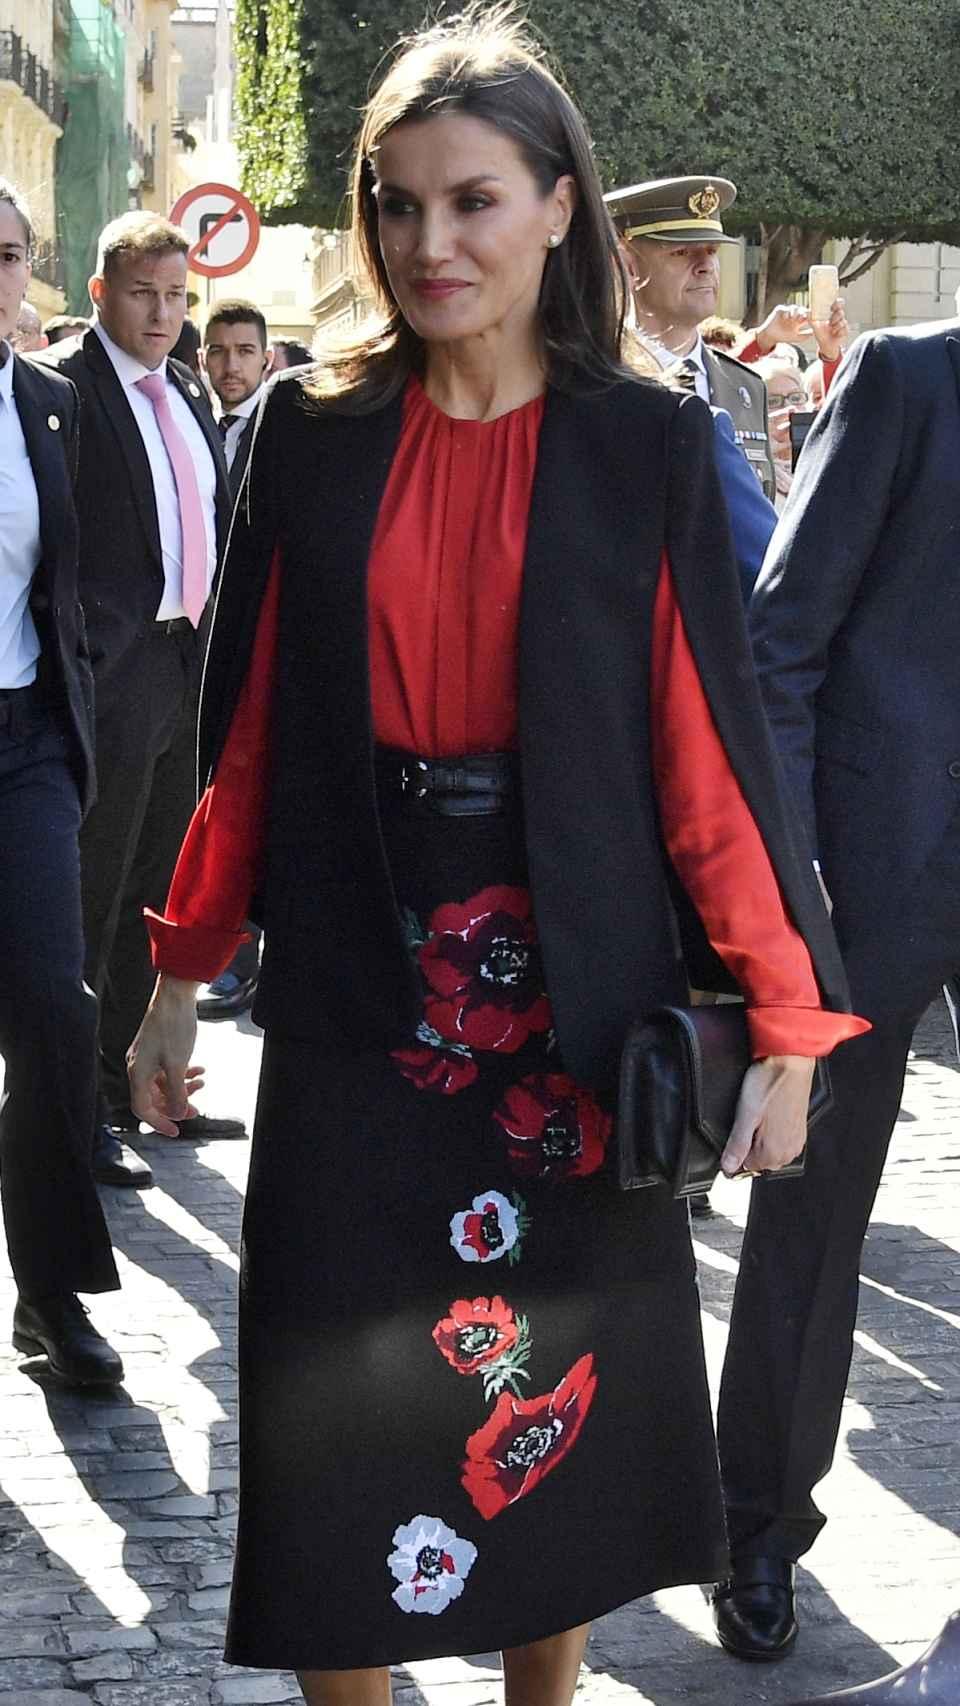 La Reina ha escogido un excesivo 'look' para el acto de este viernes en Sevilla.